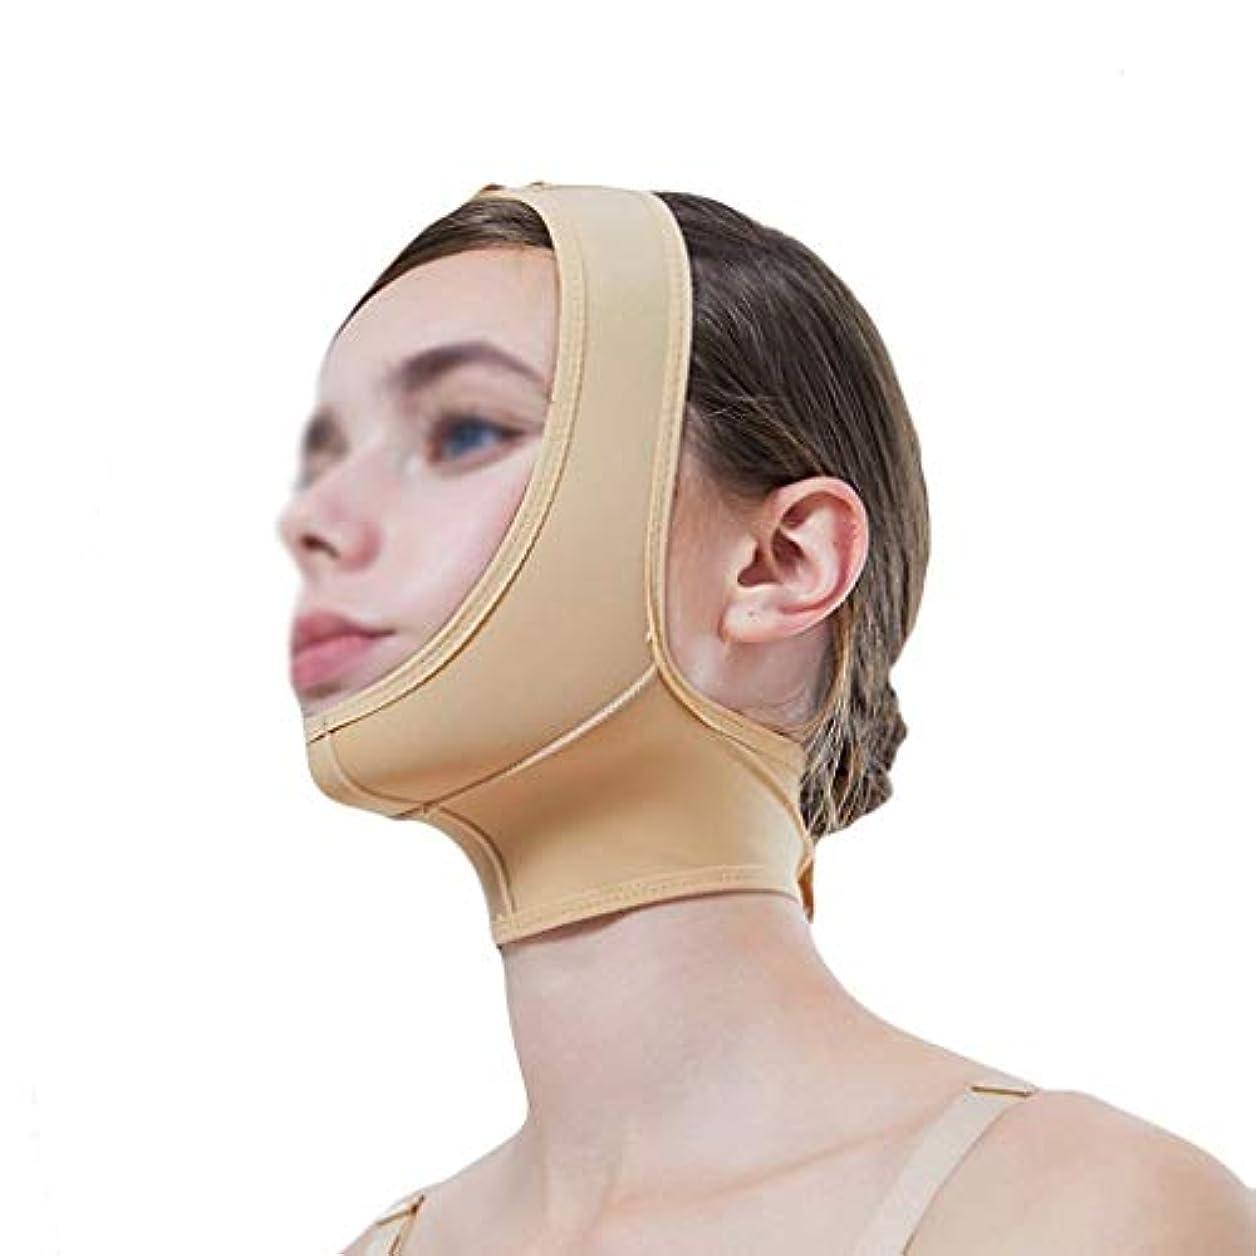 回復する市の花食品マスク、超薄型ベルト、フェイスリフティングに適し、フェイスリフティング、通気性包帯、あご取りベルト、超薄型ベルト、通気性(サイズ:XL),XXL